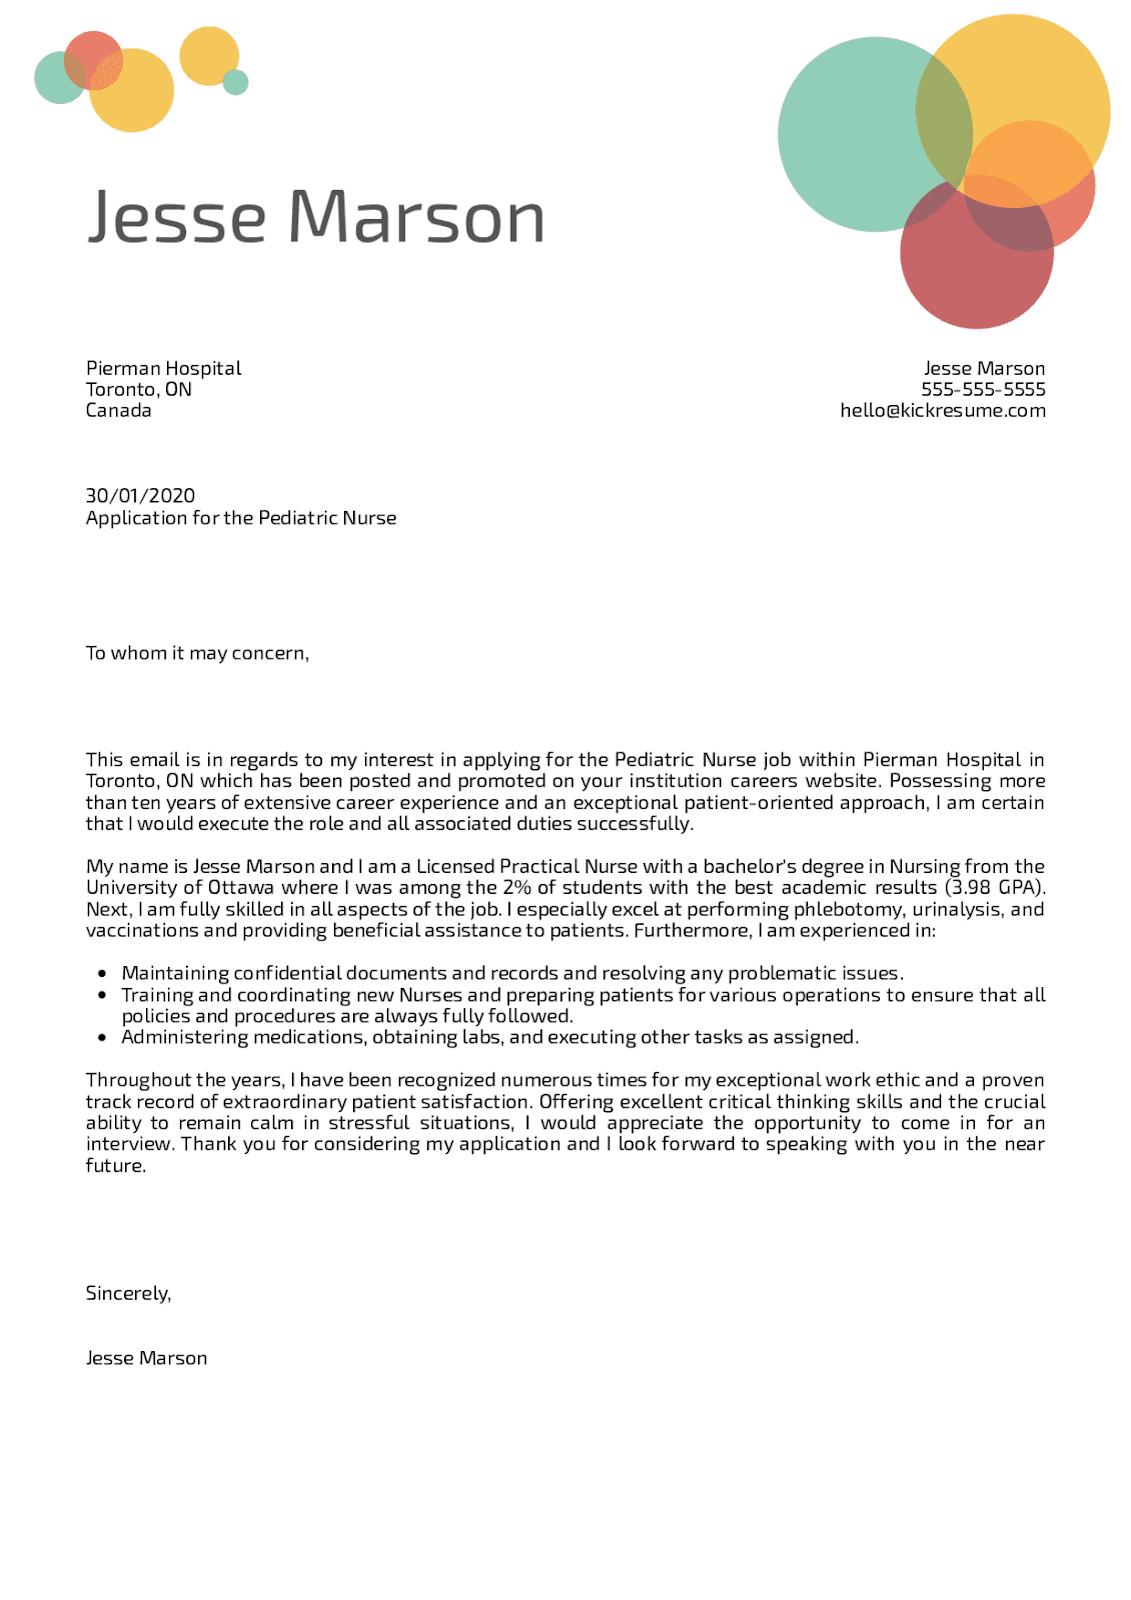 Pediatric Nurse Cover Letter Sample Kickresume in 2020